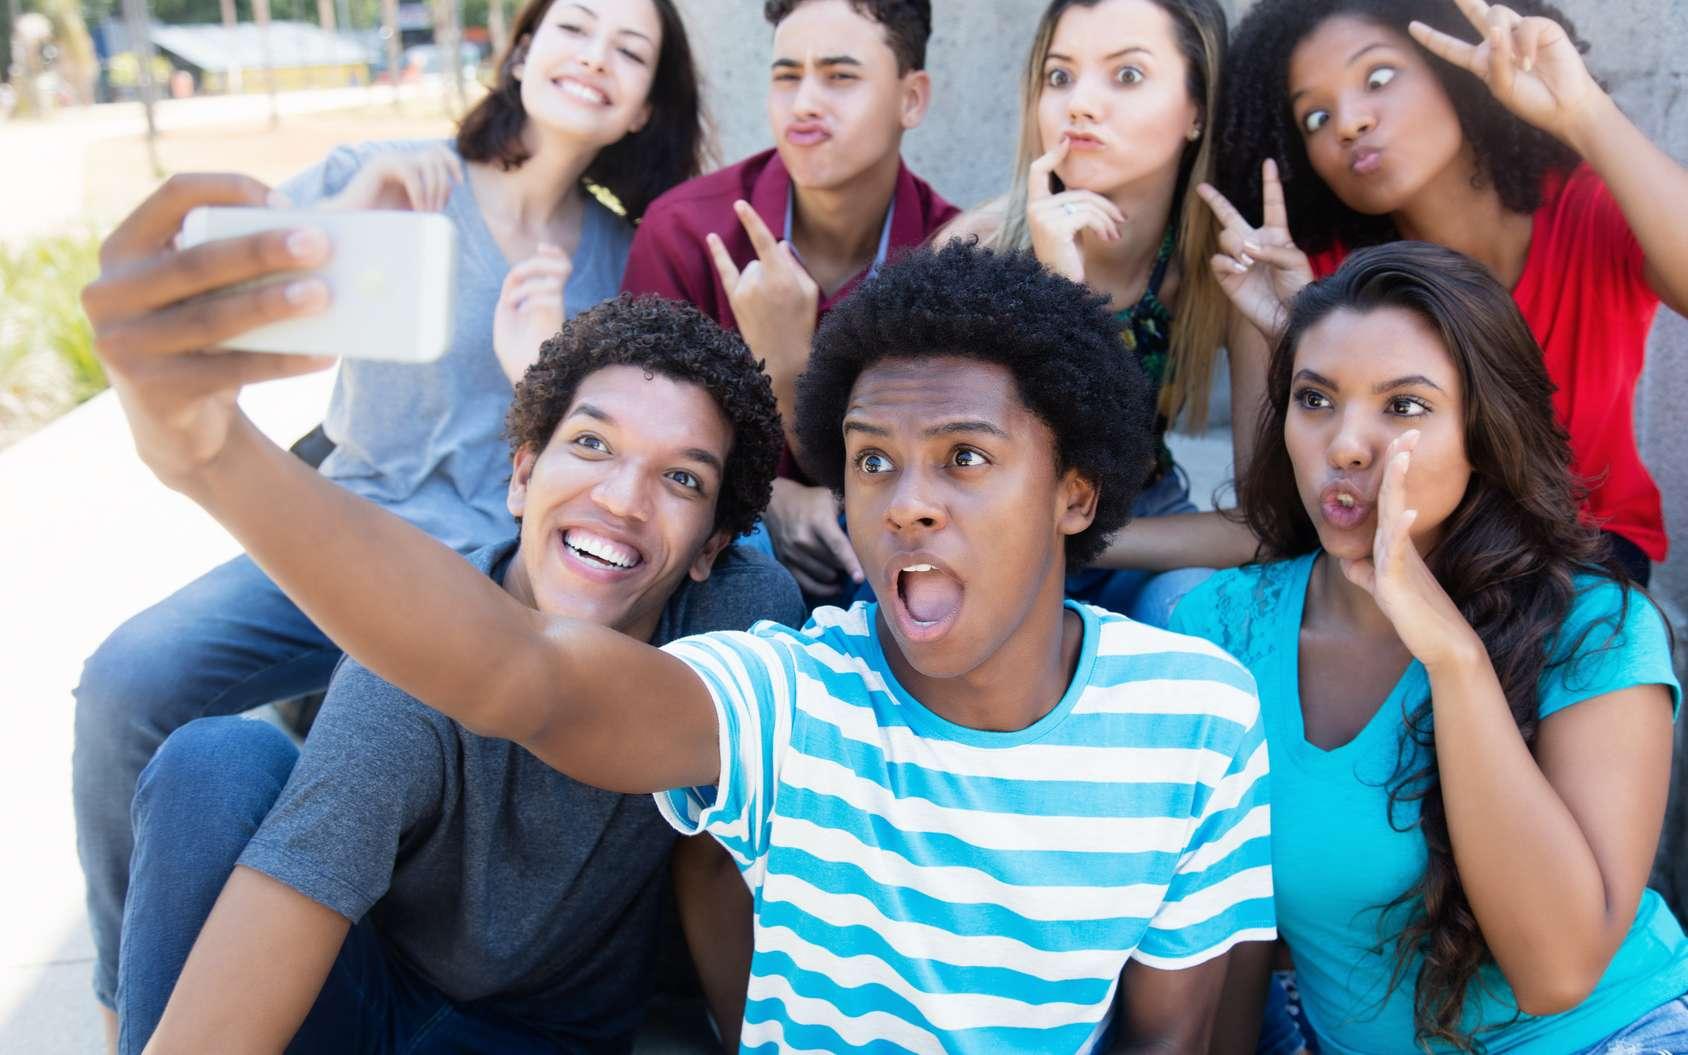 Le selfie, si on traduit ce terme par « autoportrait photographique », est aussi vieux que la prise de vue. C'est devenu une mode universelle, qui a littéralement explosé avec l'arrivée des réseaux sociaux et des smartphones. © Daniel Ernst, fotolia